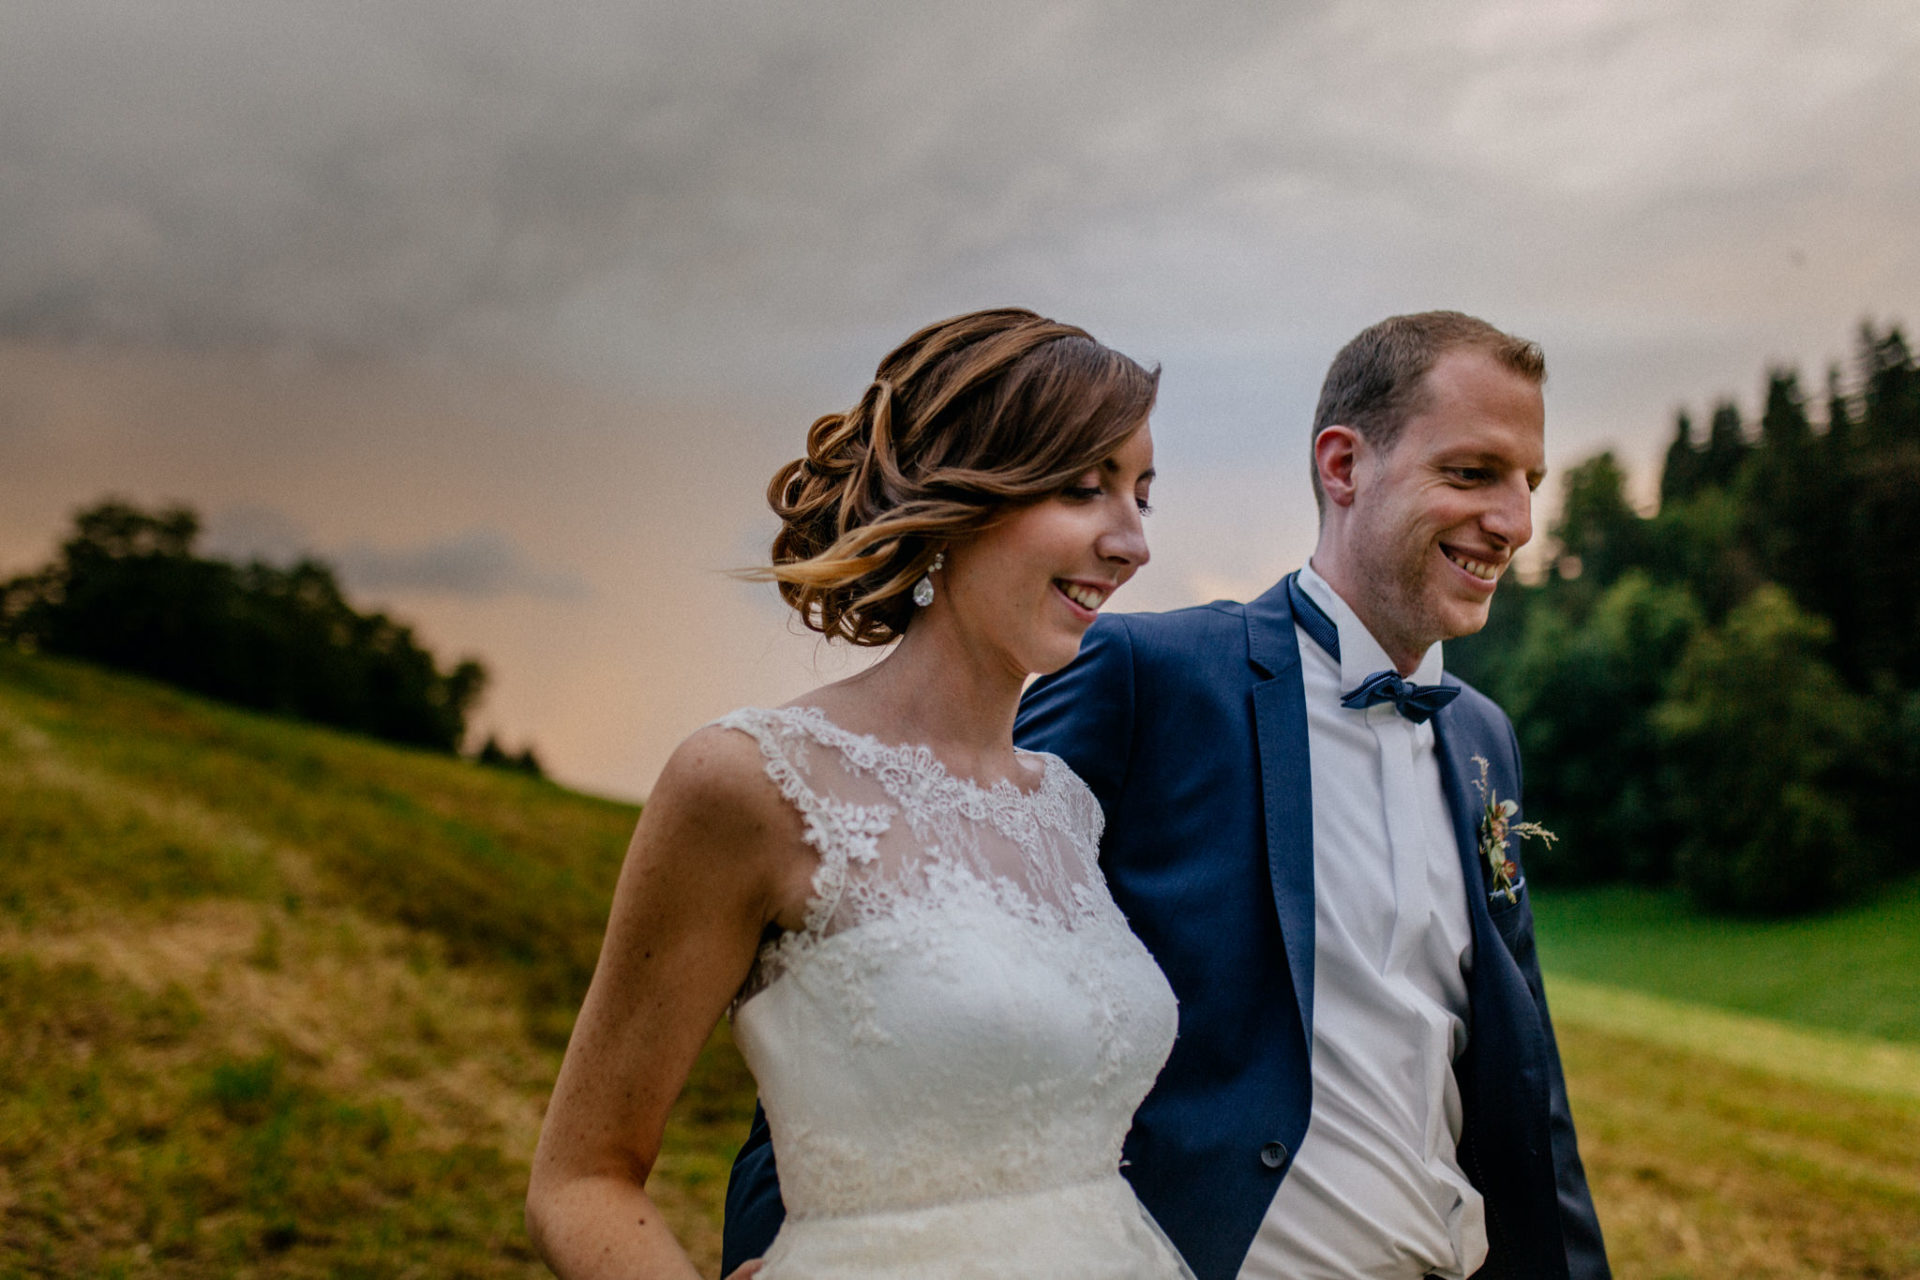 Hochzeitsfotograf Vorarlberg Millruette-Hüttenhochzeit-portrait Brautpaar sonnenuntergang